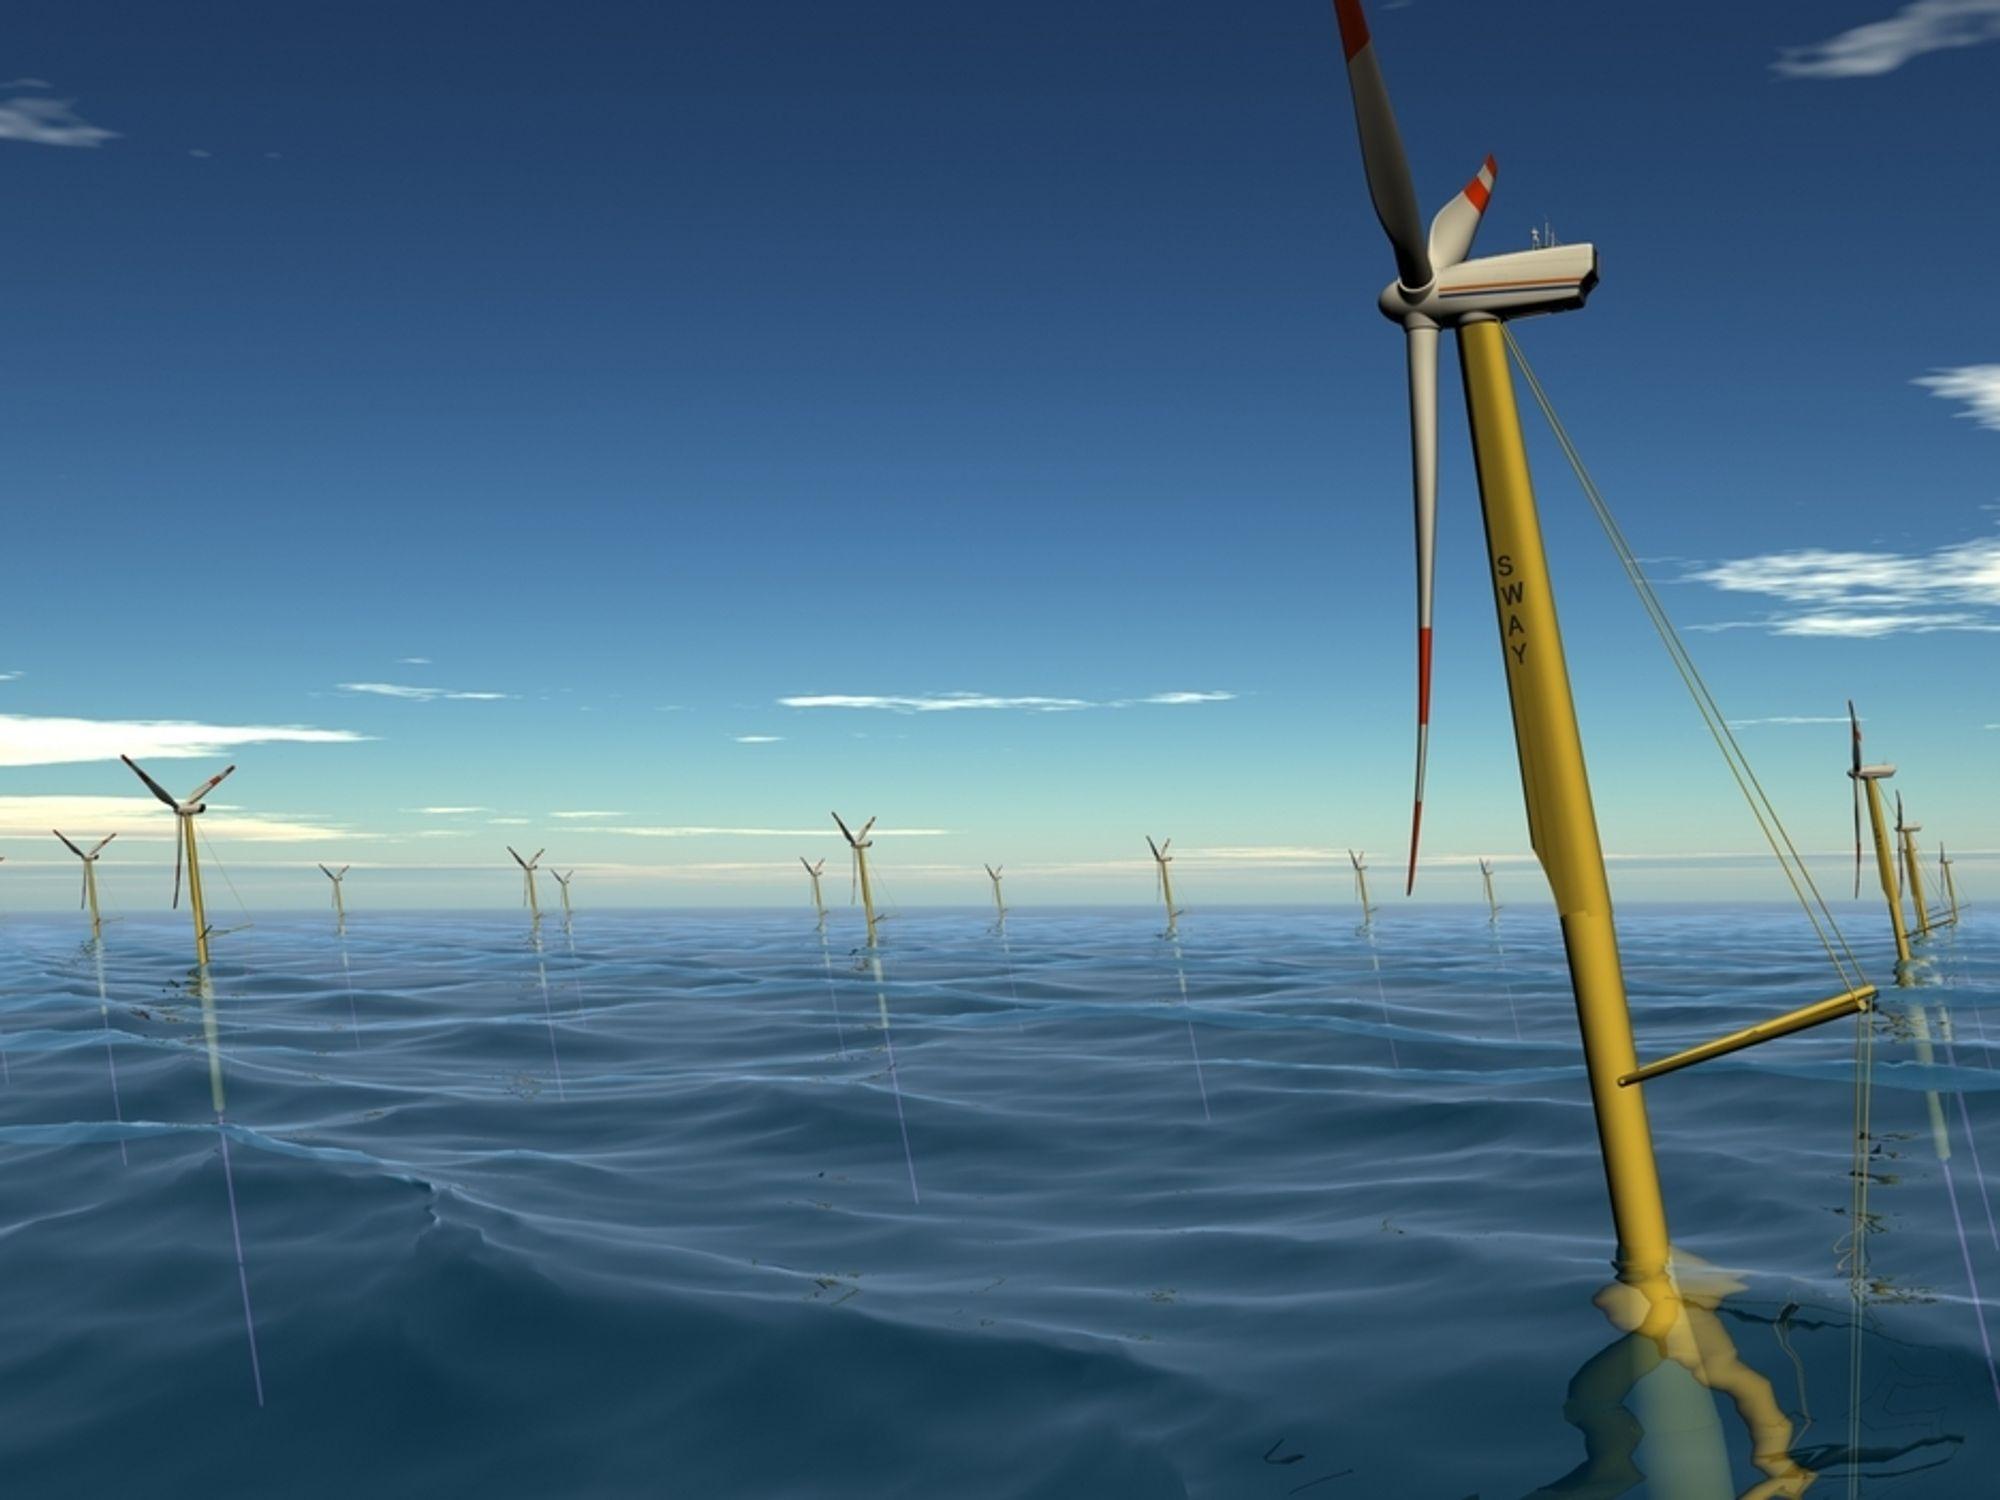 GRØNT LYS-: Lyse har fått klarsignal til konsekvensutredning for en testpark med flytende havvindturbiner. Sways flyterturbiner er den teknologien Lyse trolig vil bruke.